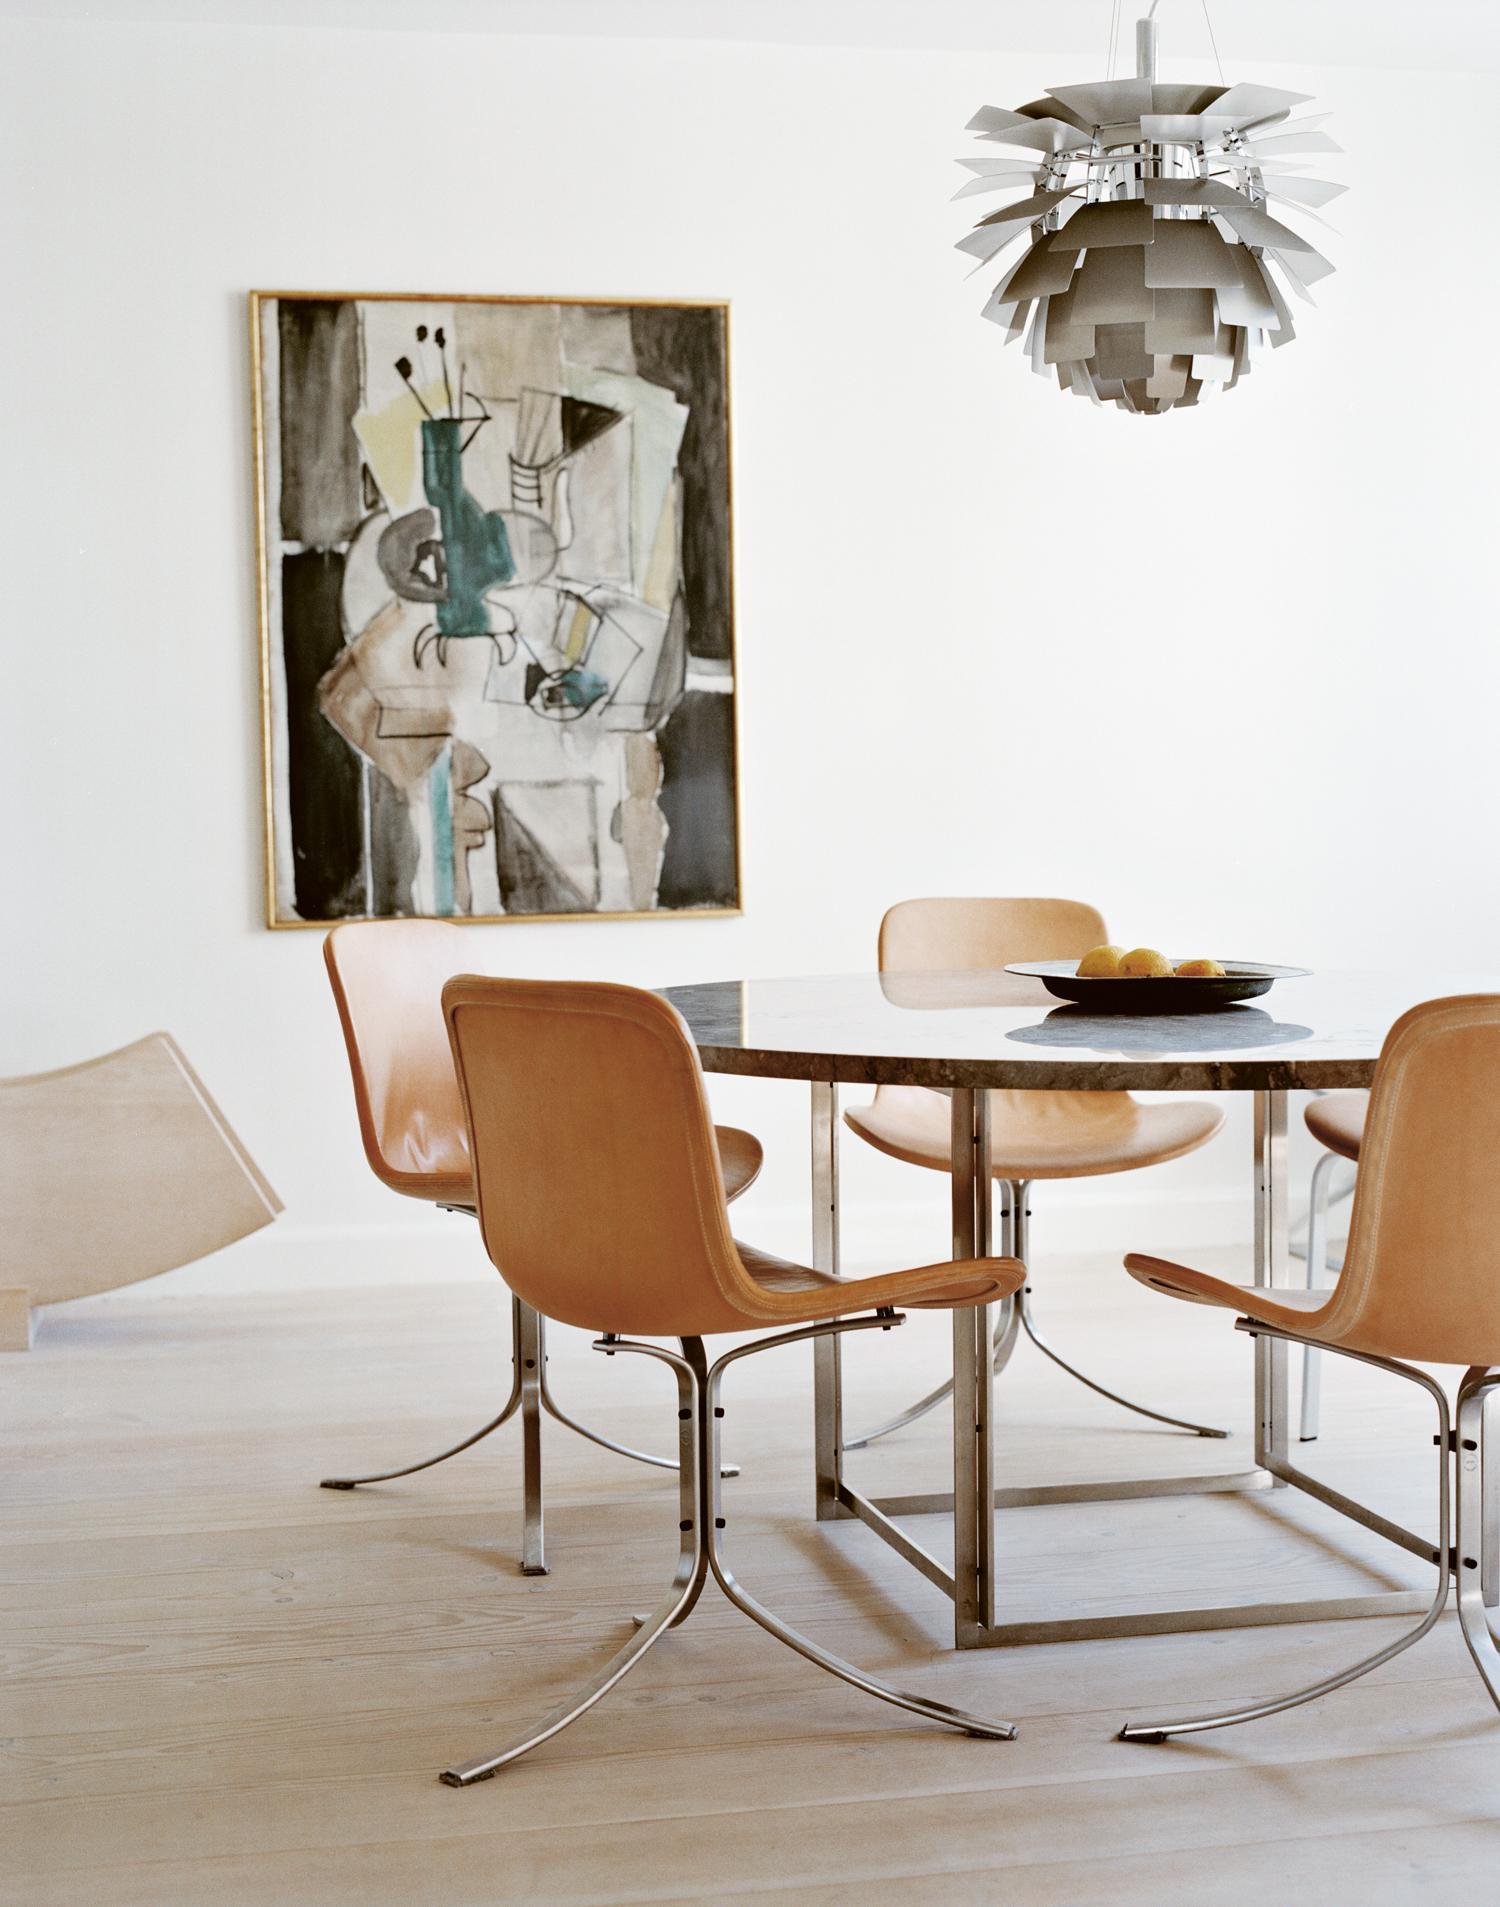 Esstisch designermöbel  Einbeiniger Esstisch • Bilder & Ideen • COUCHstyle